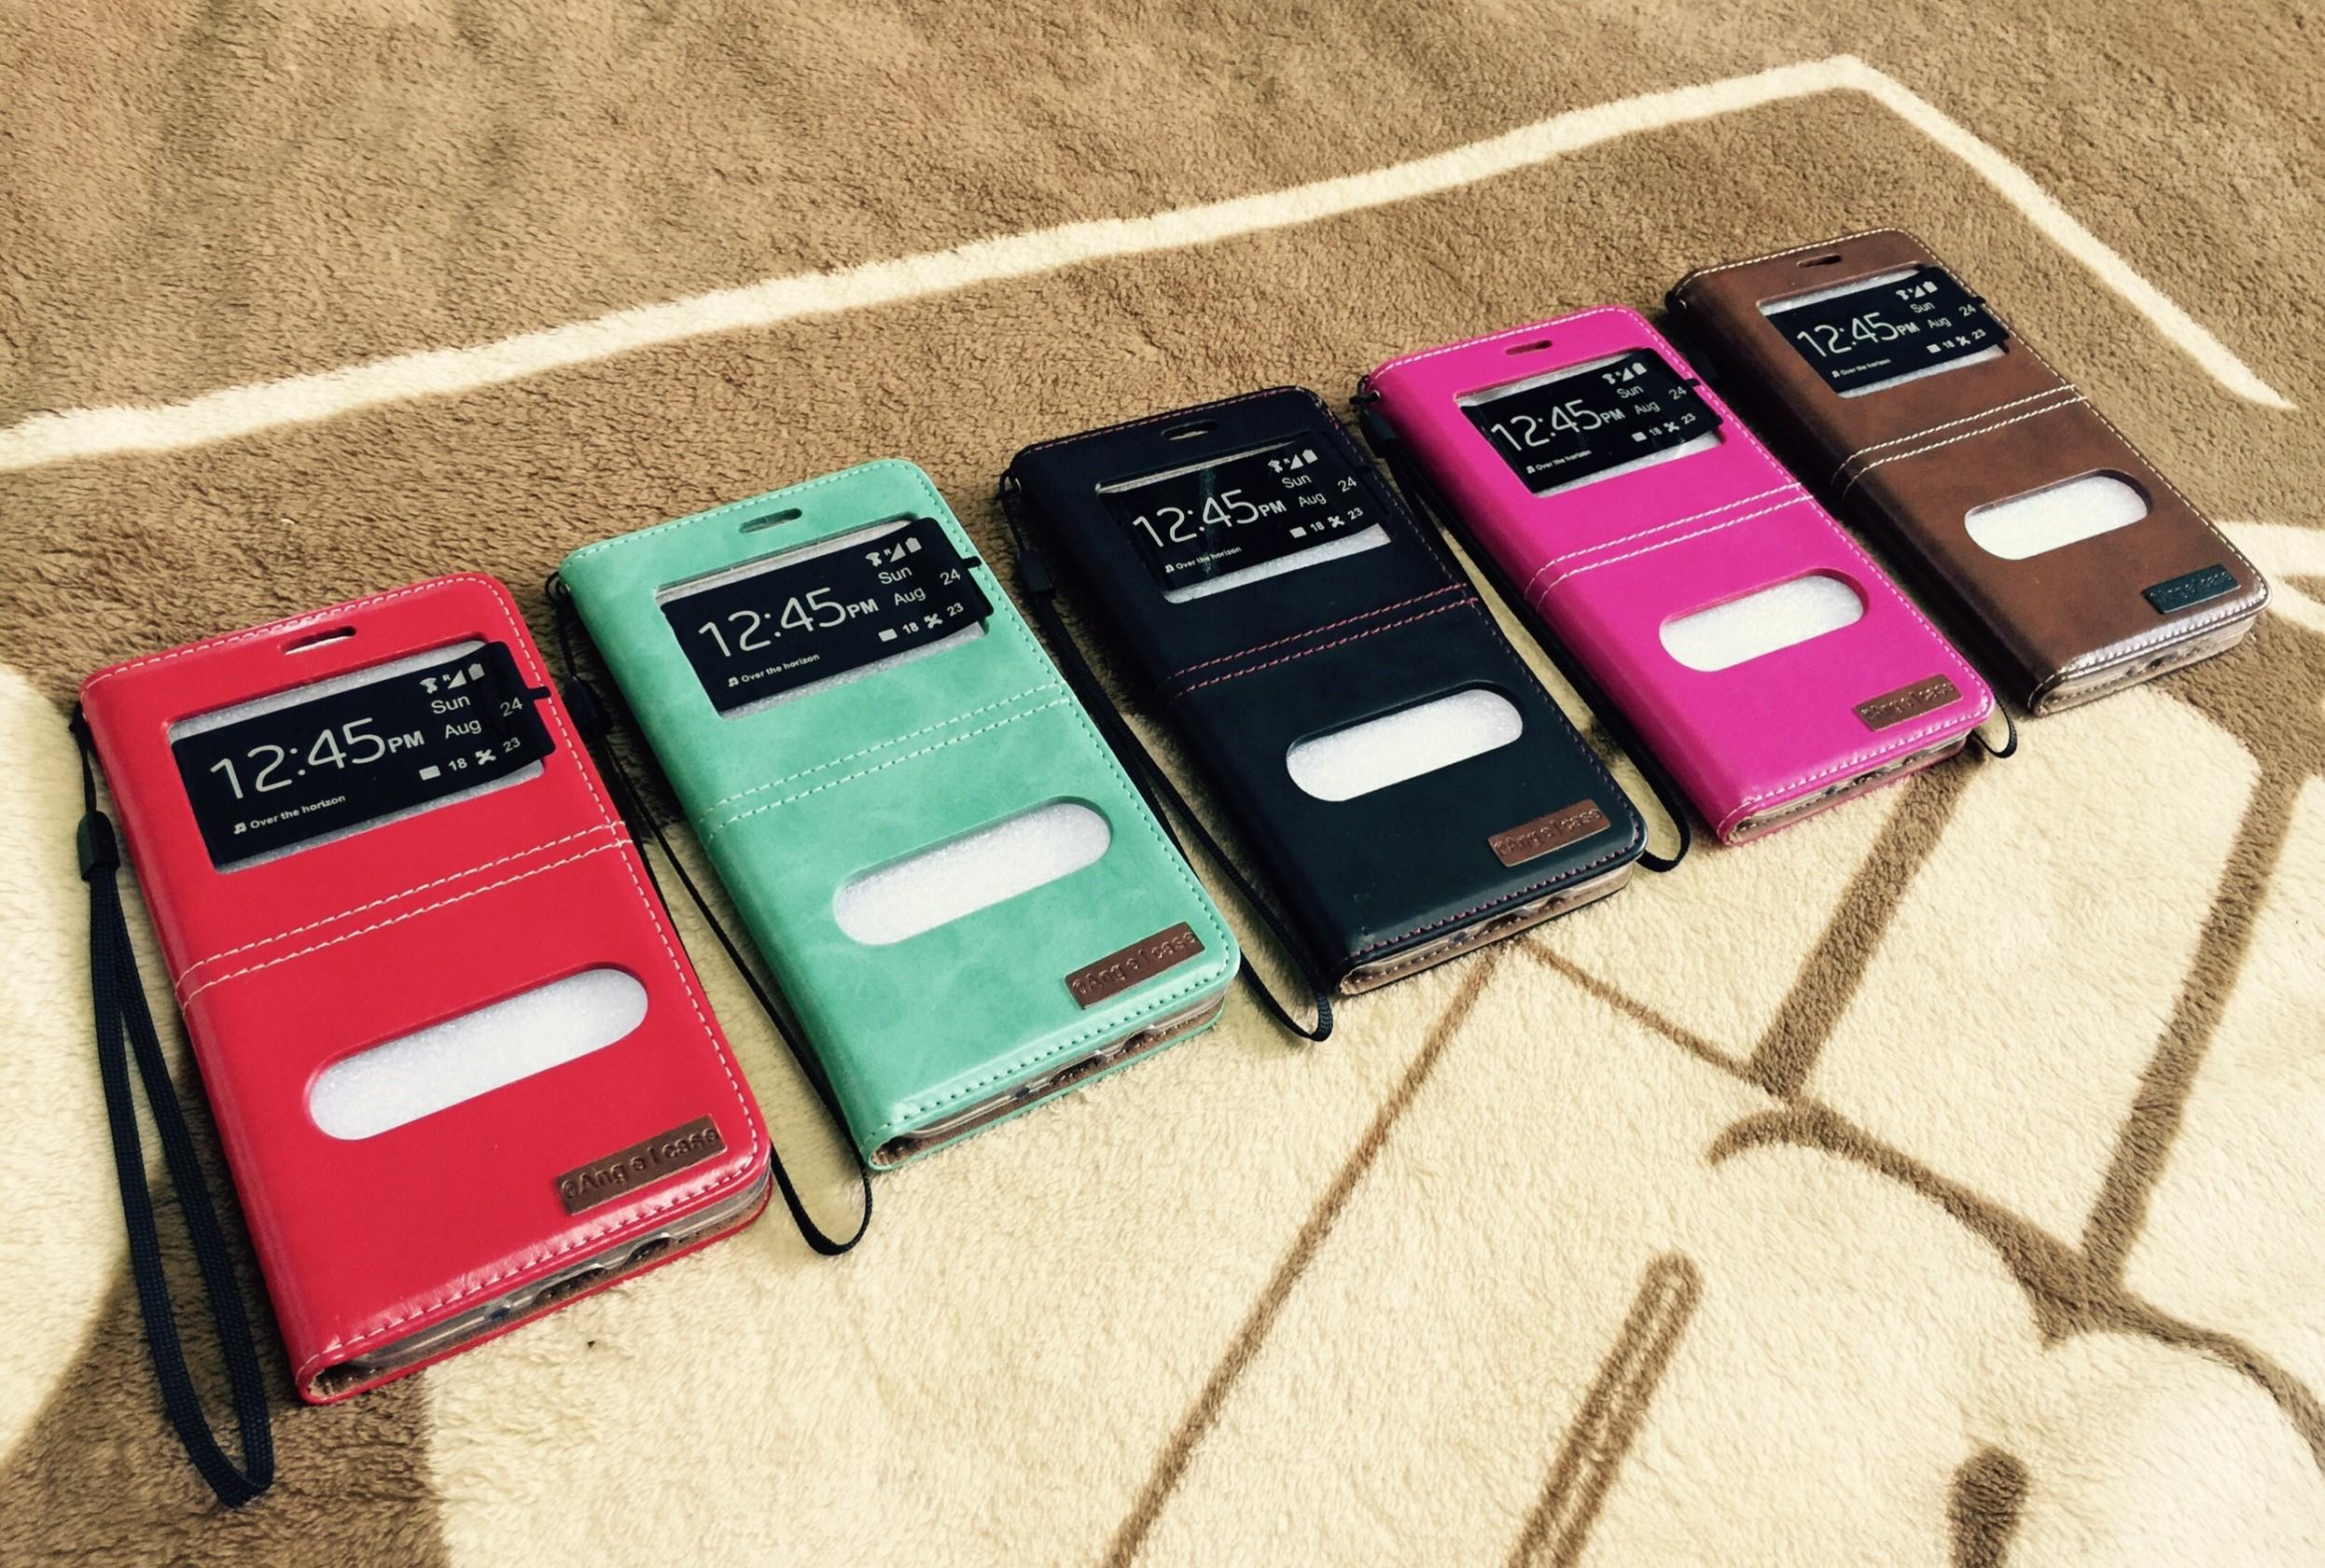 เคสเปิด-ปิด Angel Case iphone5/5s/se (ทัชรับสายได้ มีแม่เหล็กในตัว)